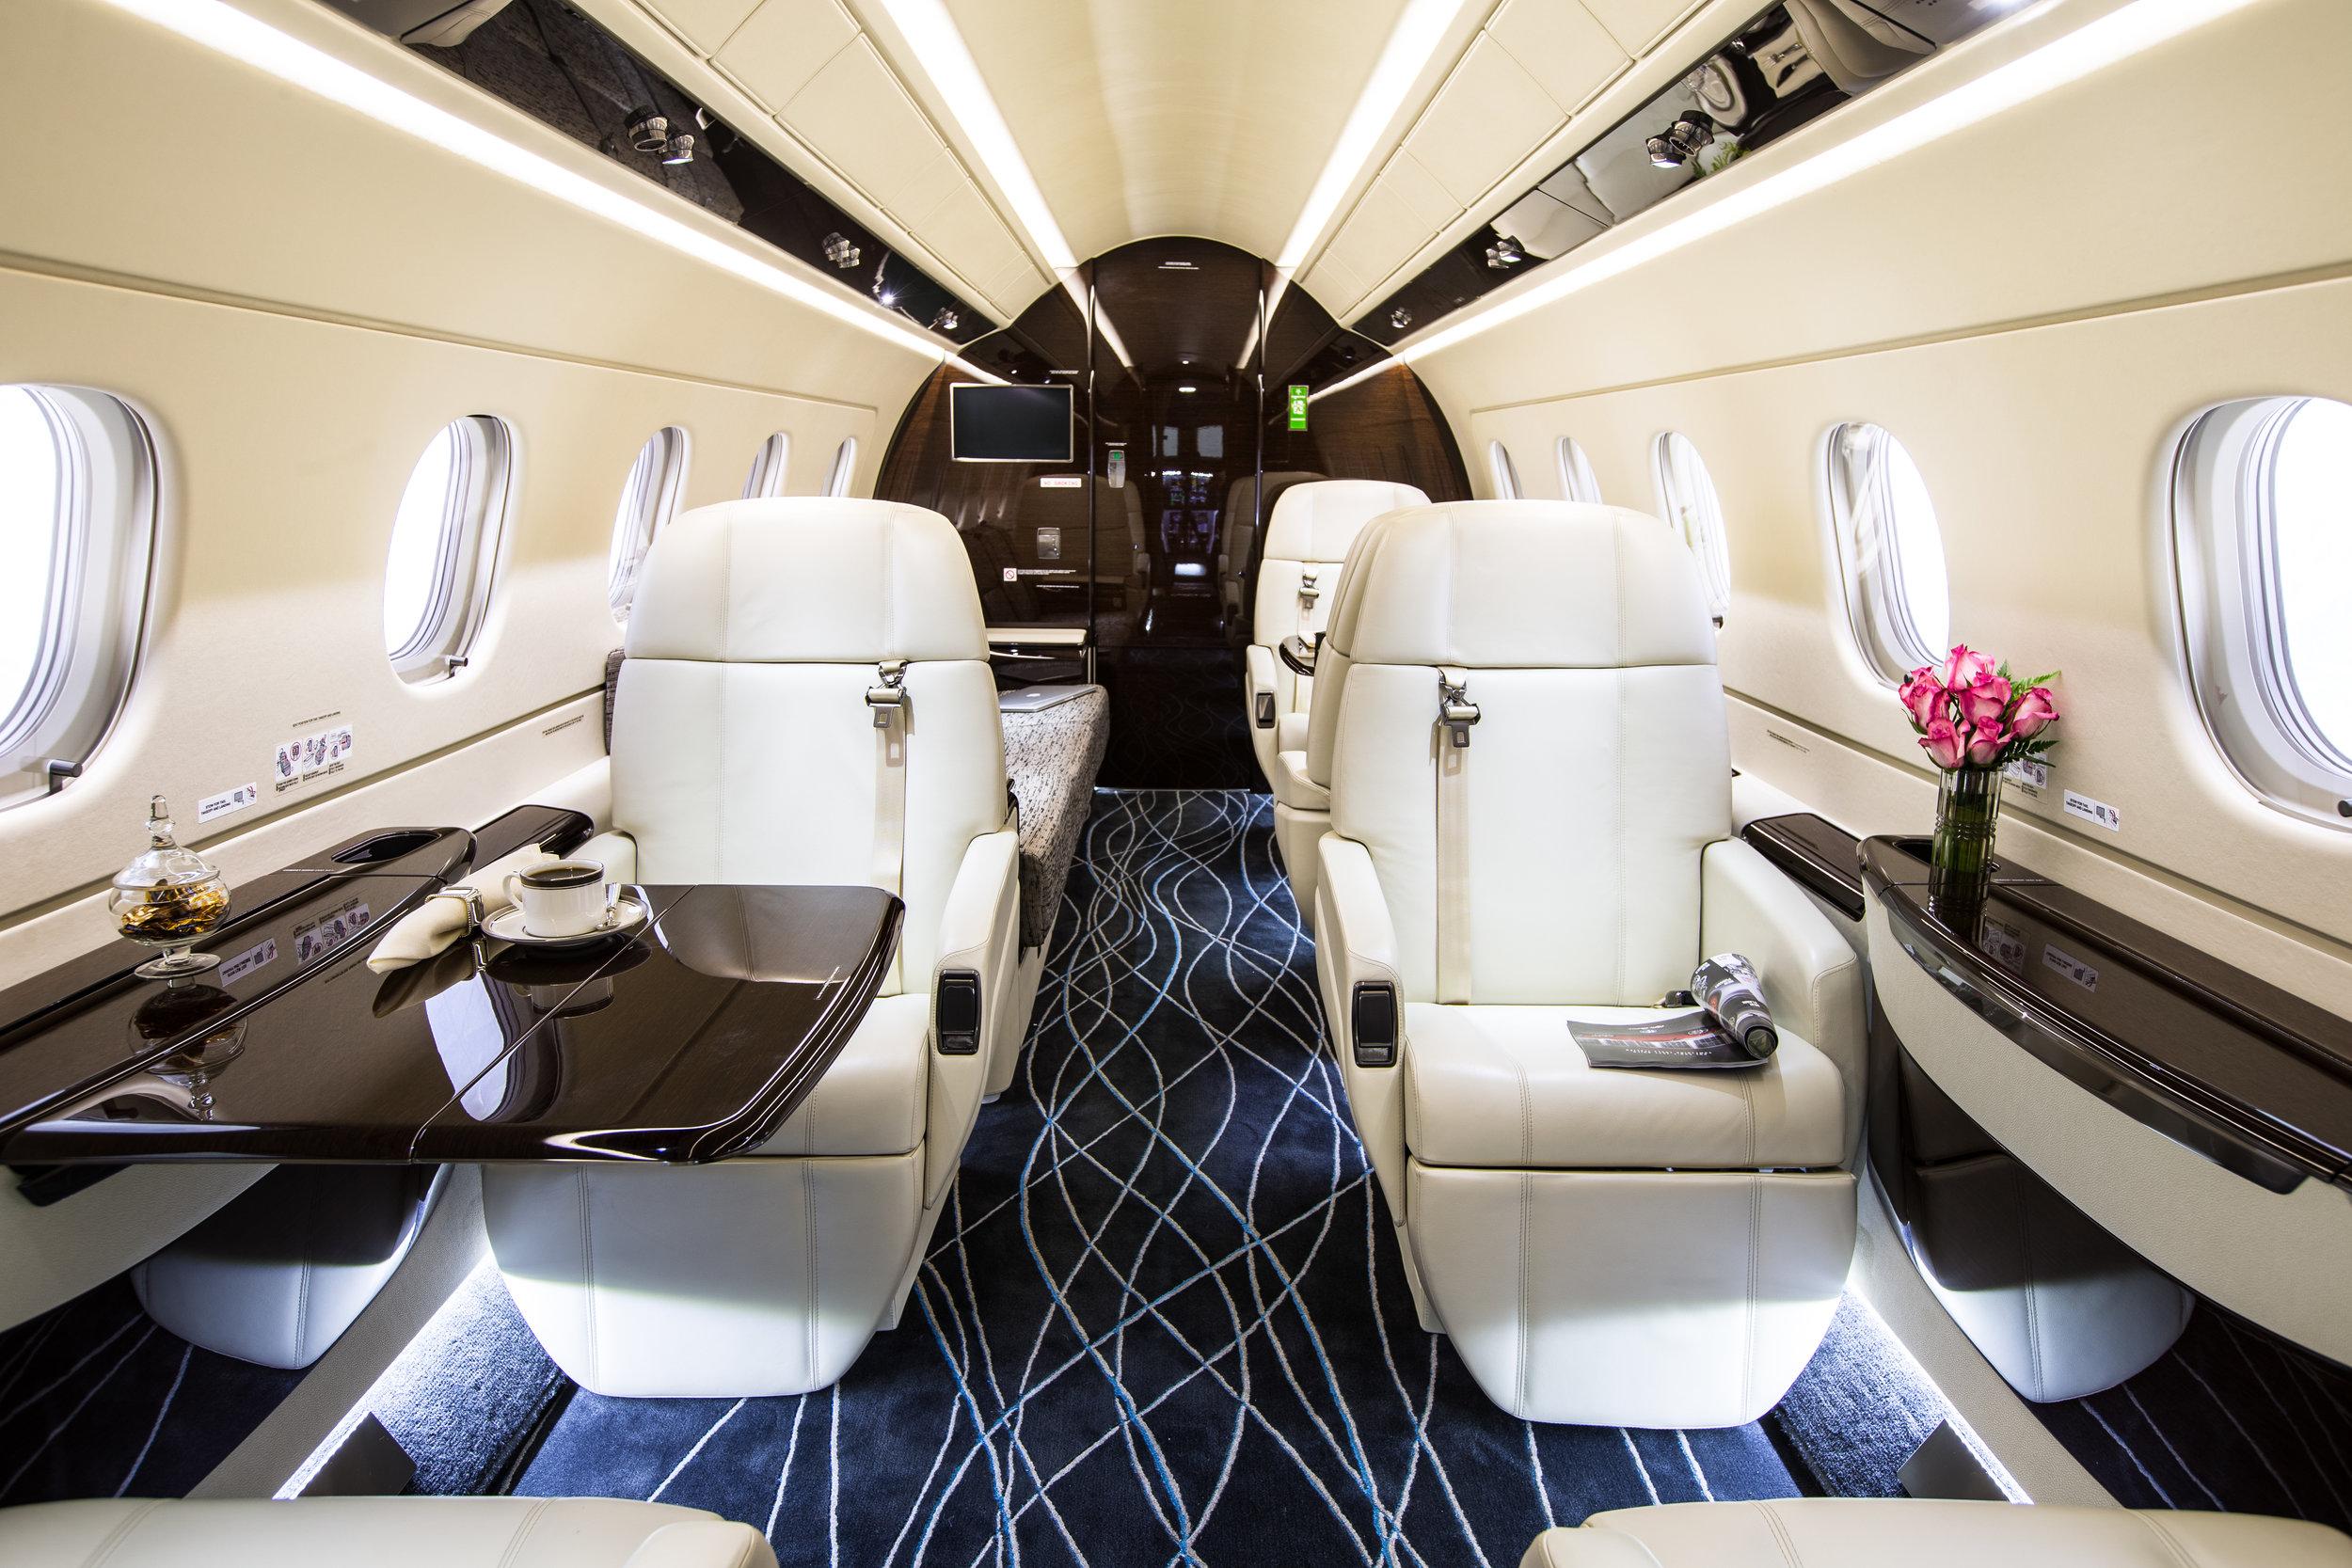 JETS PRIVÉS DERNIÈRE GÉNÉRATION   Nous veillerons à ce que vous voyagiez toujours à bord d'une flotte de qualité, constituée de jets privés dernière génération.